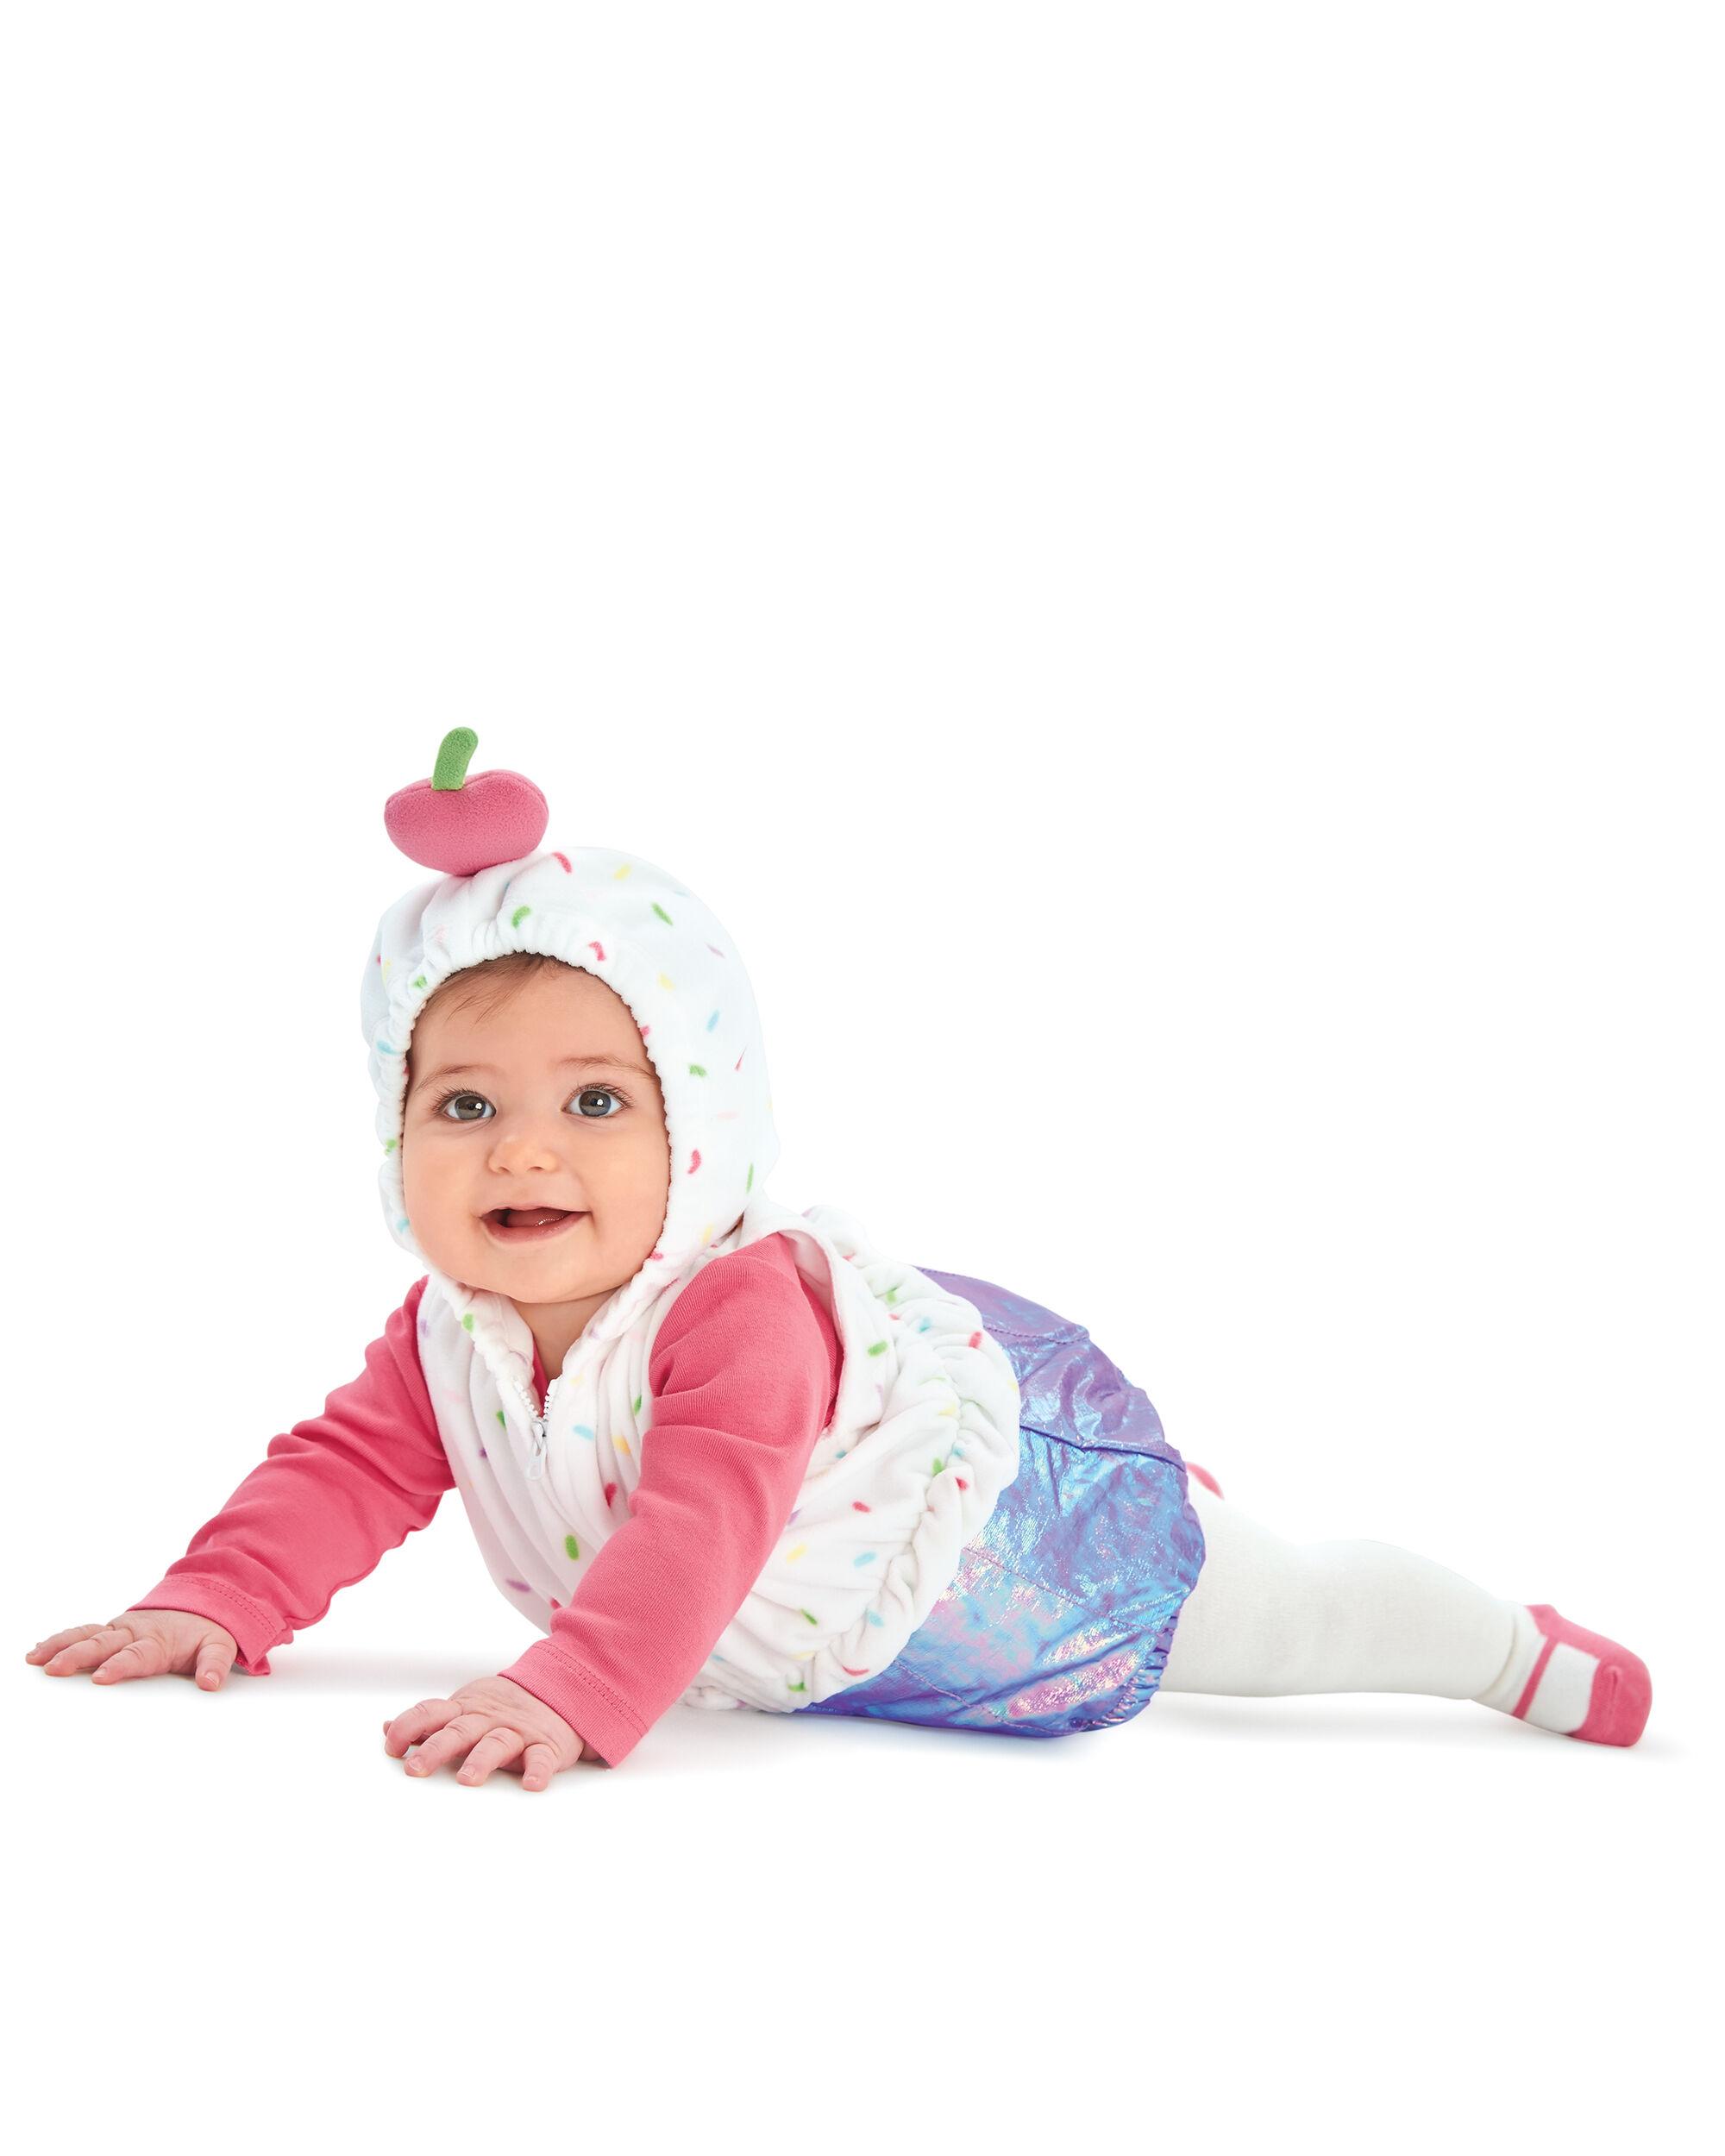 little cupcake halloween costume little cupcake halloween costume - Halloween Costume Cupcake